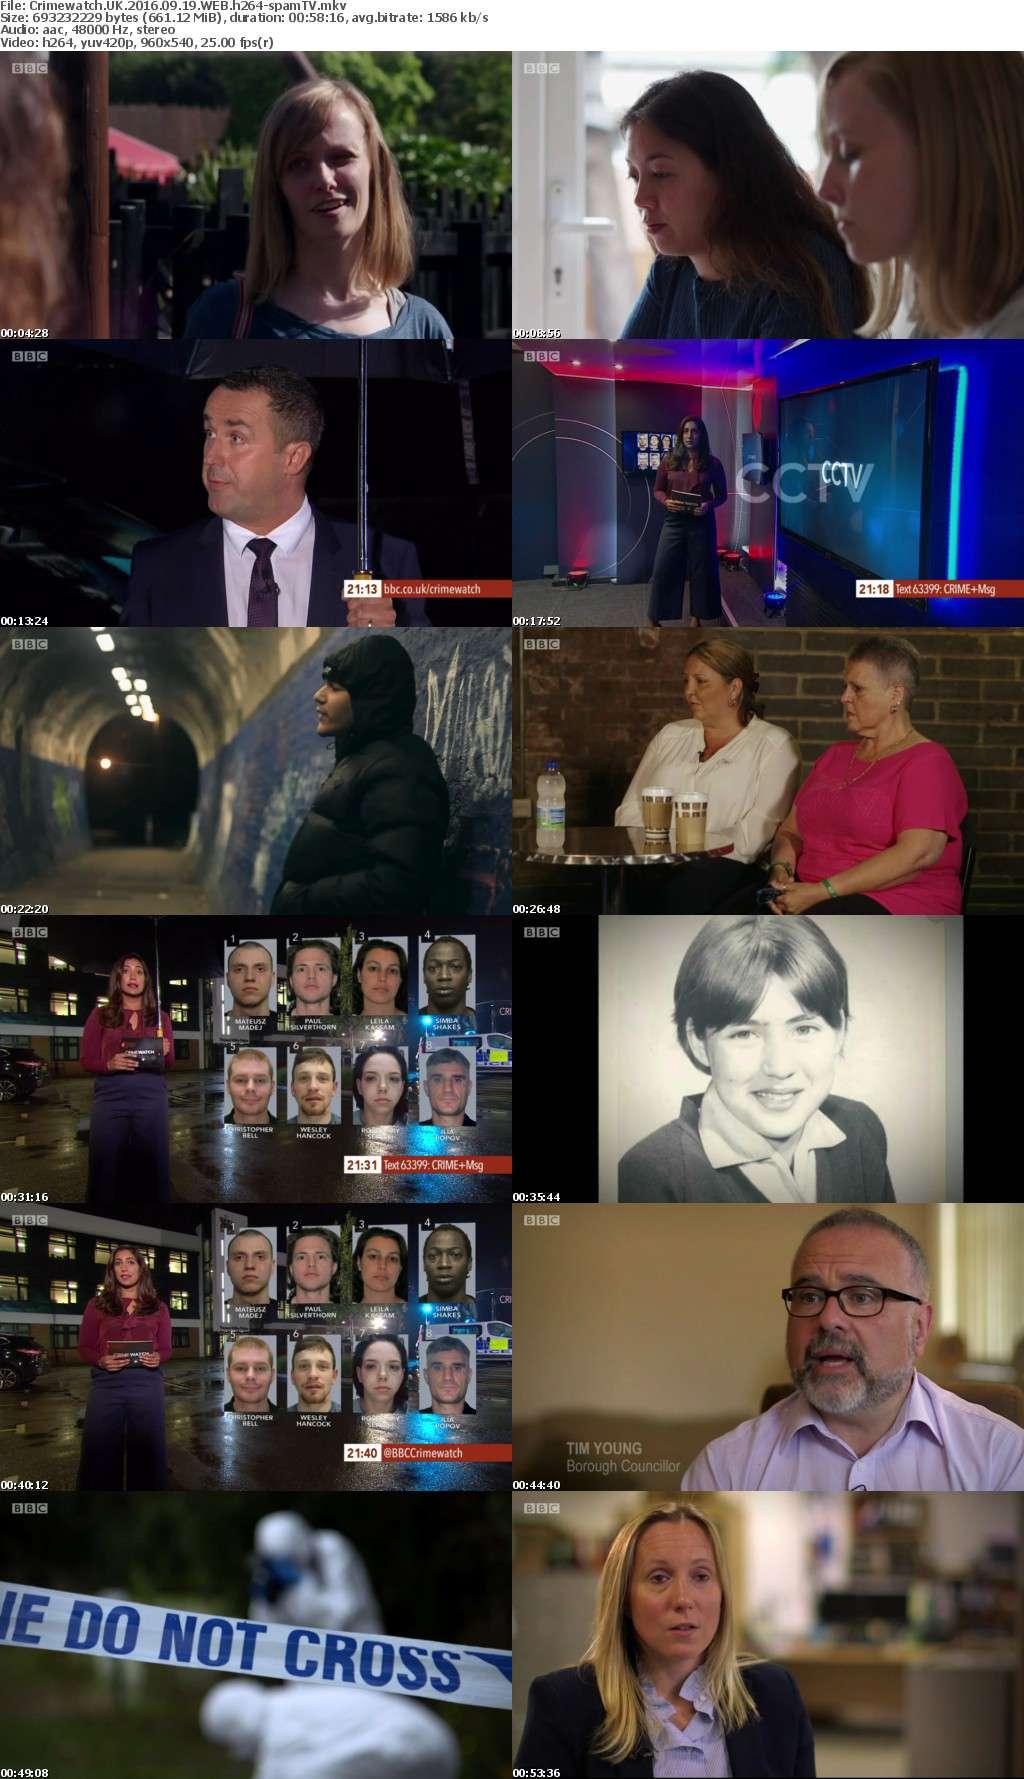 Crimewatch UK 2016 09 19 WEB h264-spamTV